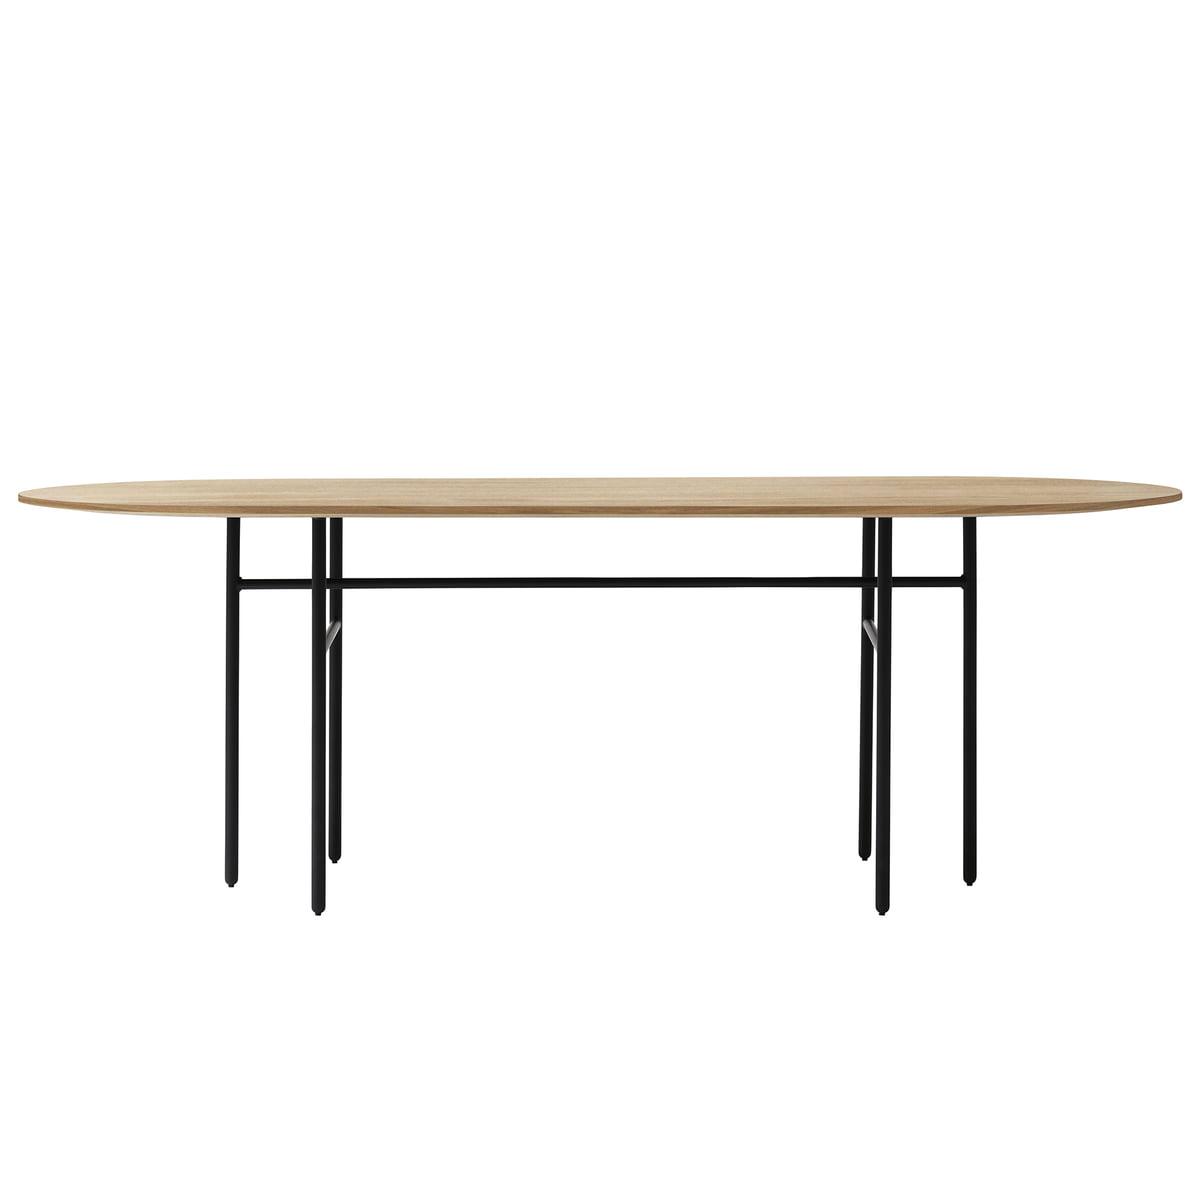 Menu   Snaregade Table, Oval, Black / Oak